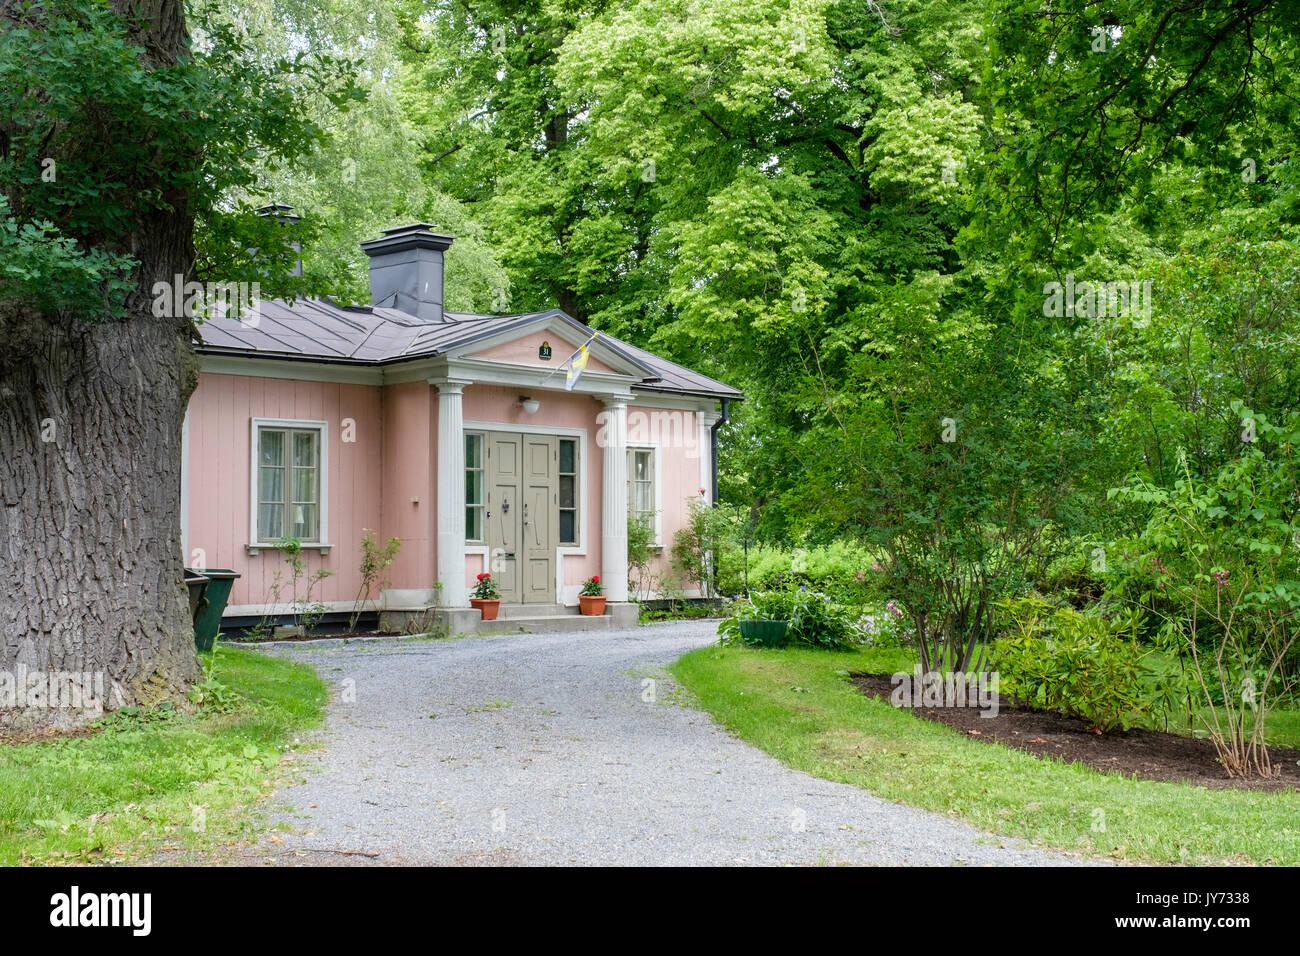 Histórico edificio residencial en Djurgården en Estocolmo. Djurgården es un área de recreación. Imagen De Stock